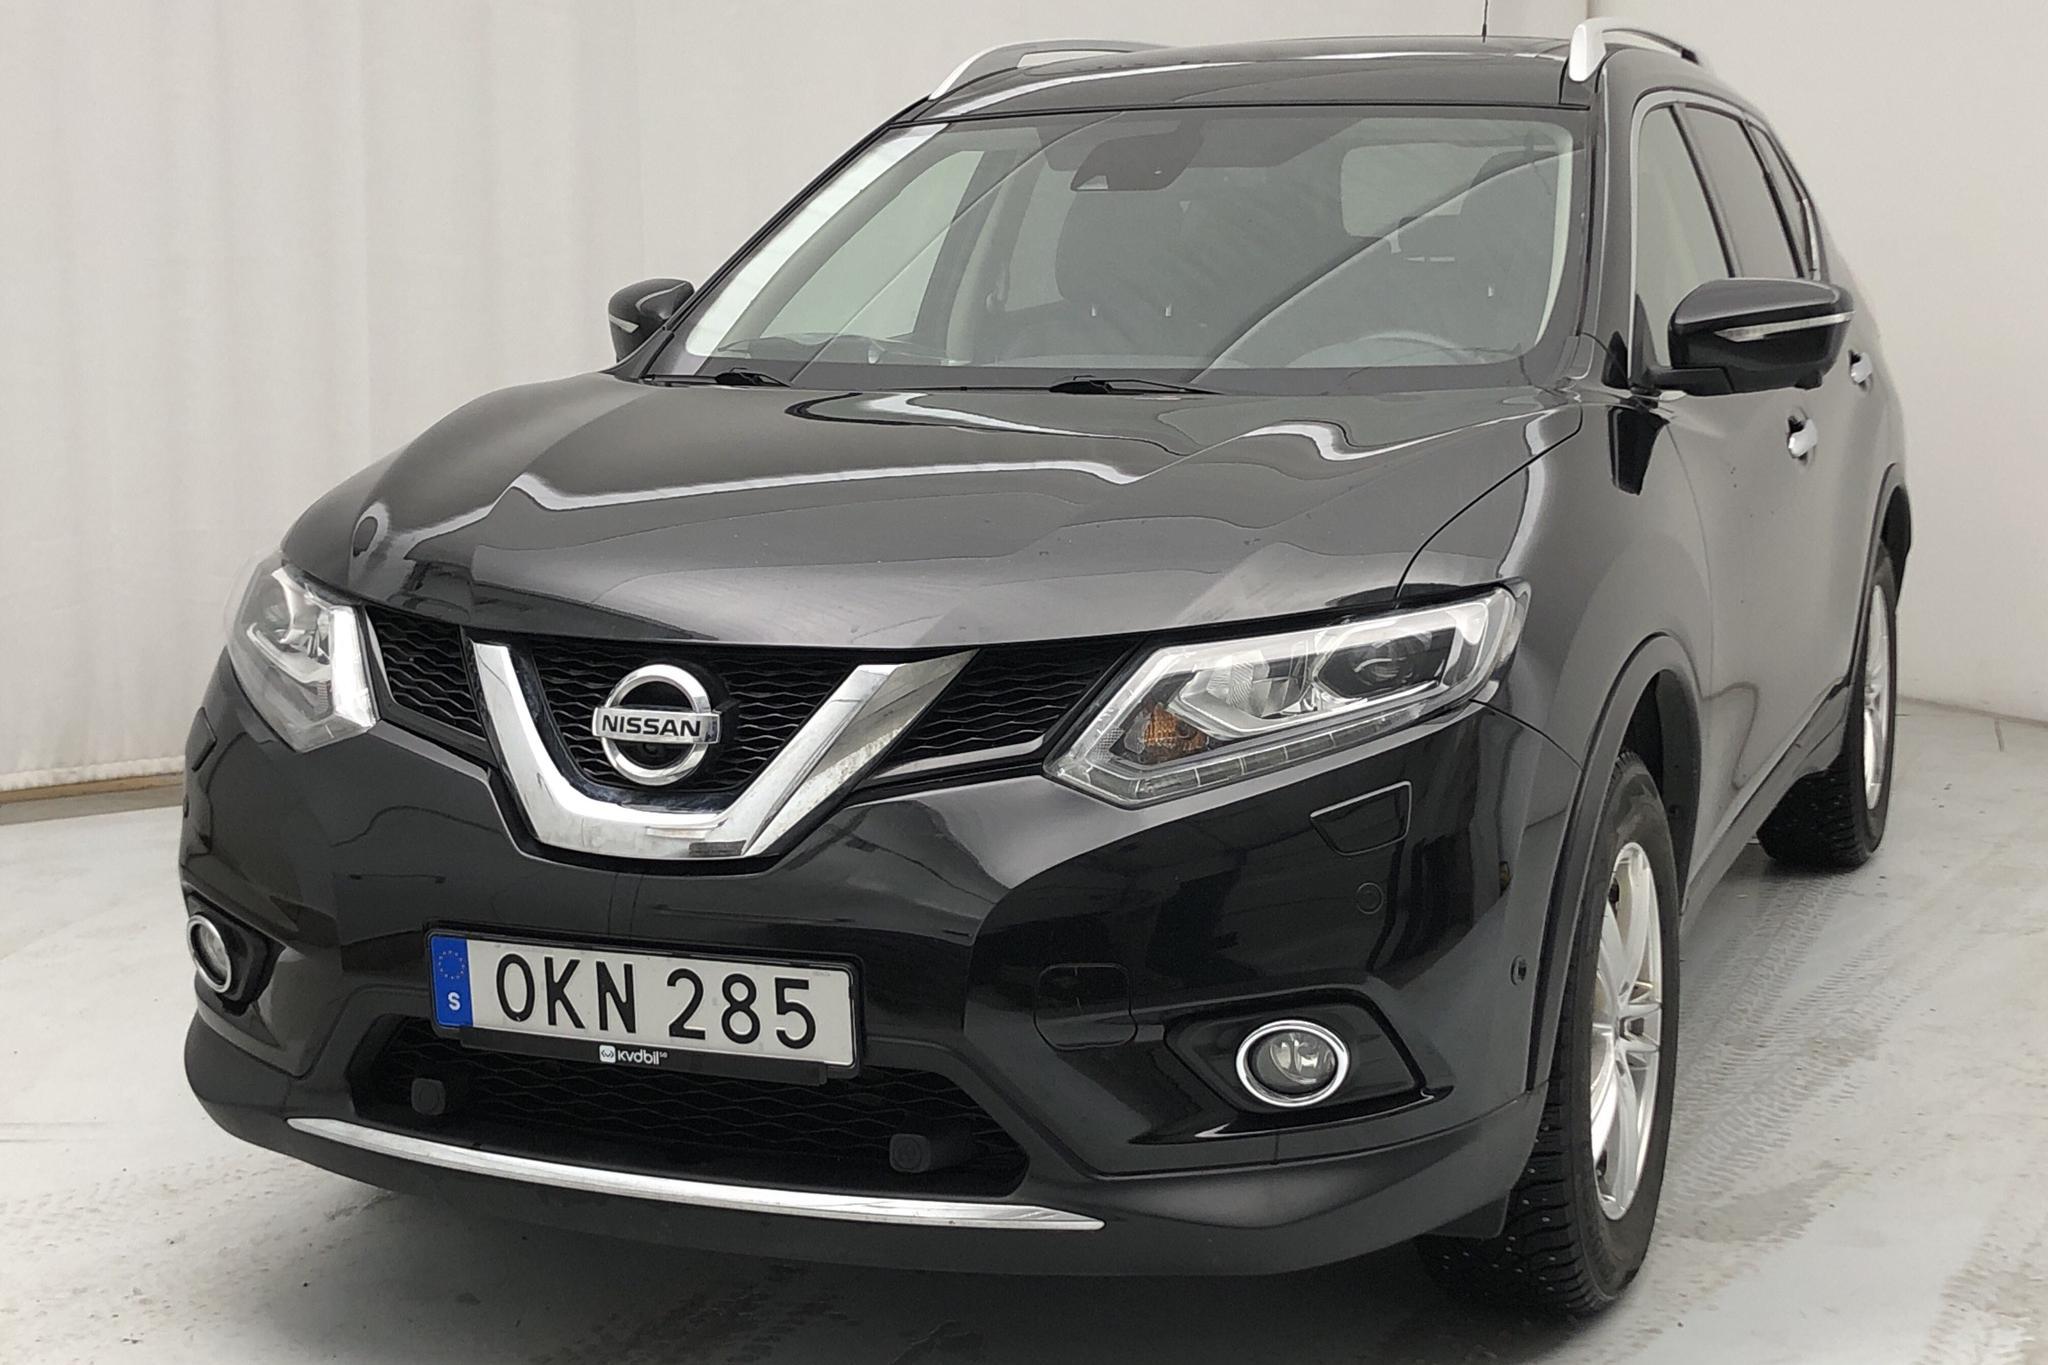 Nissan X-trail 1.6 dCi 4WD (130hk) - 14 581 mil - Manuell - svart - 2016